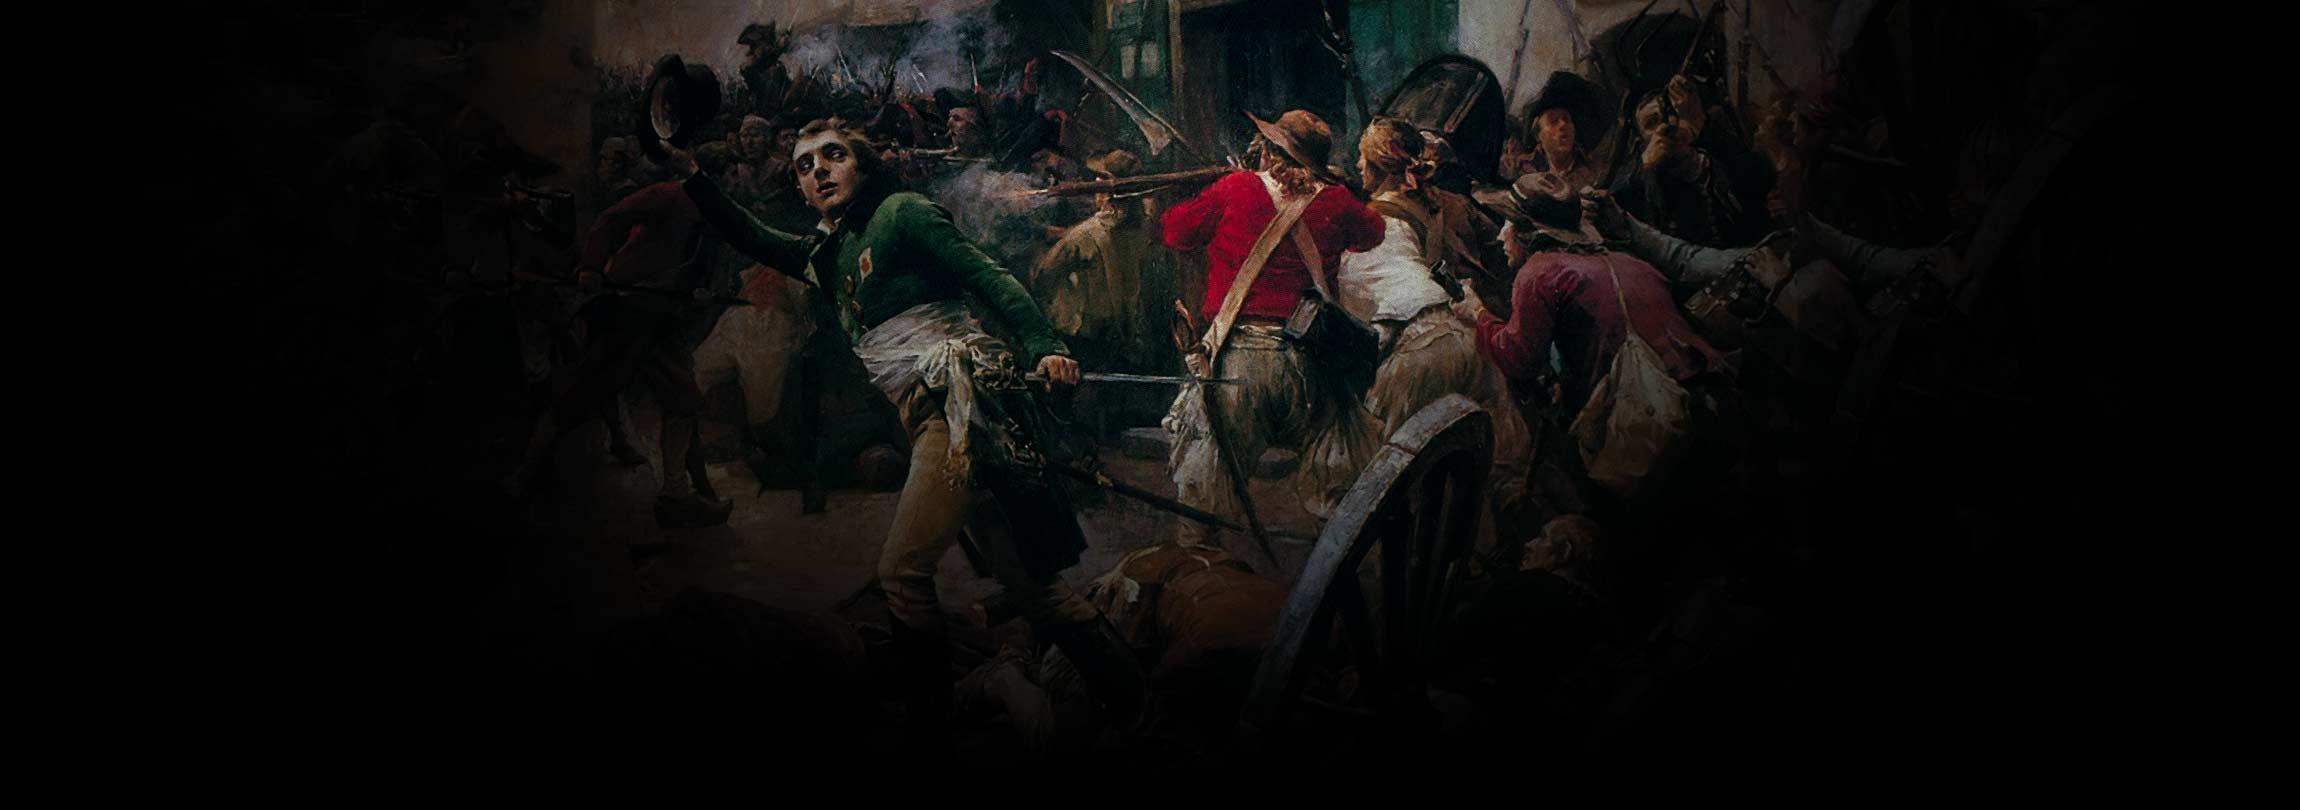 O primeiro genocídio moderno ocorreu na Revolução Francesa